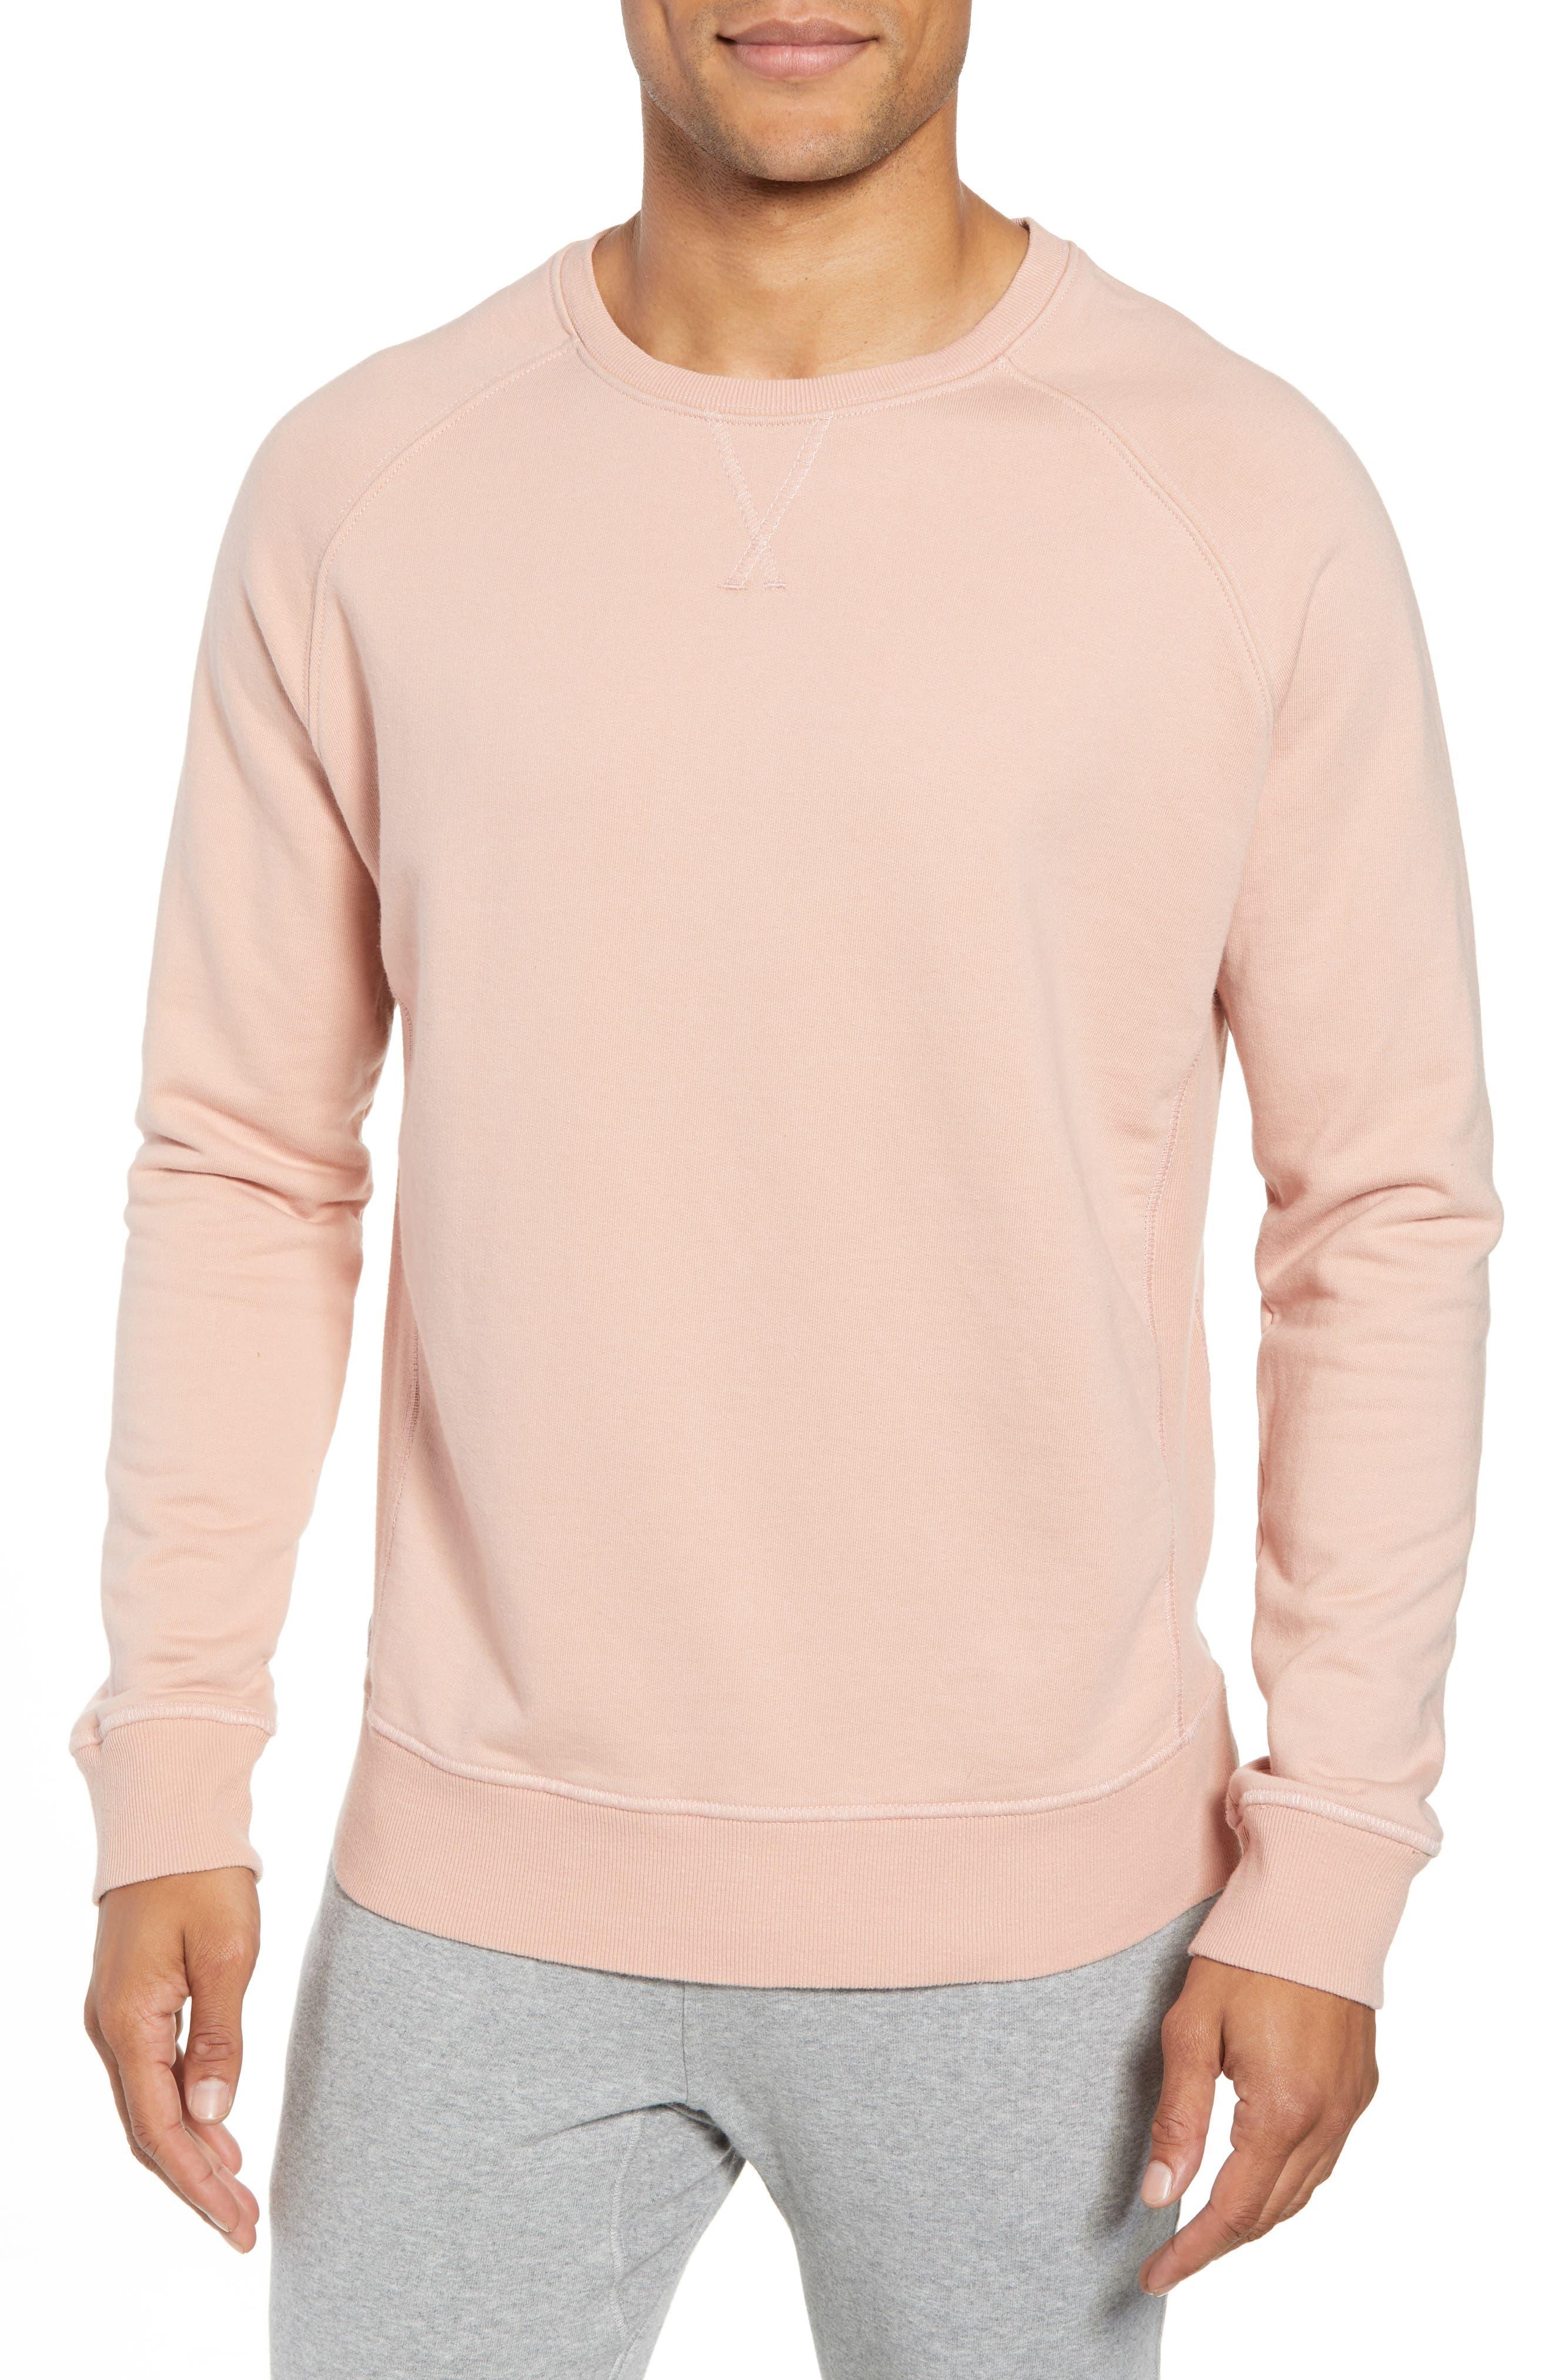 RICHER POORER, Crewneck Cotton Sweatshirt, Main thumbnail 1, color, BLUSH